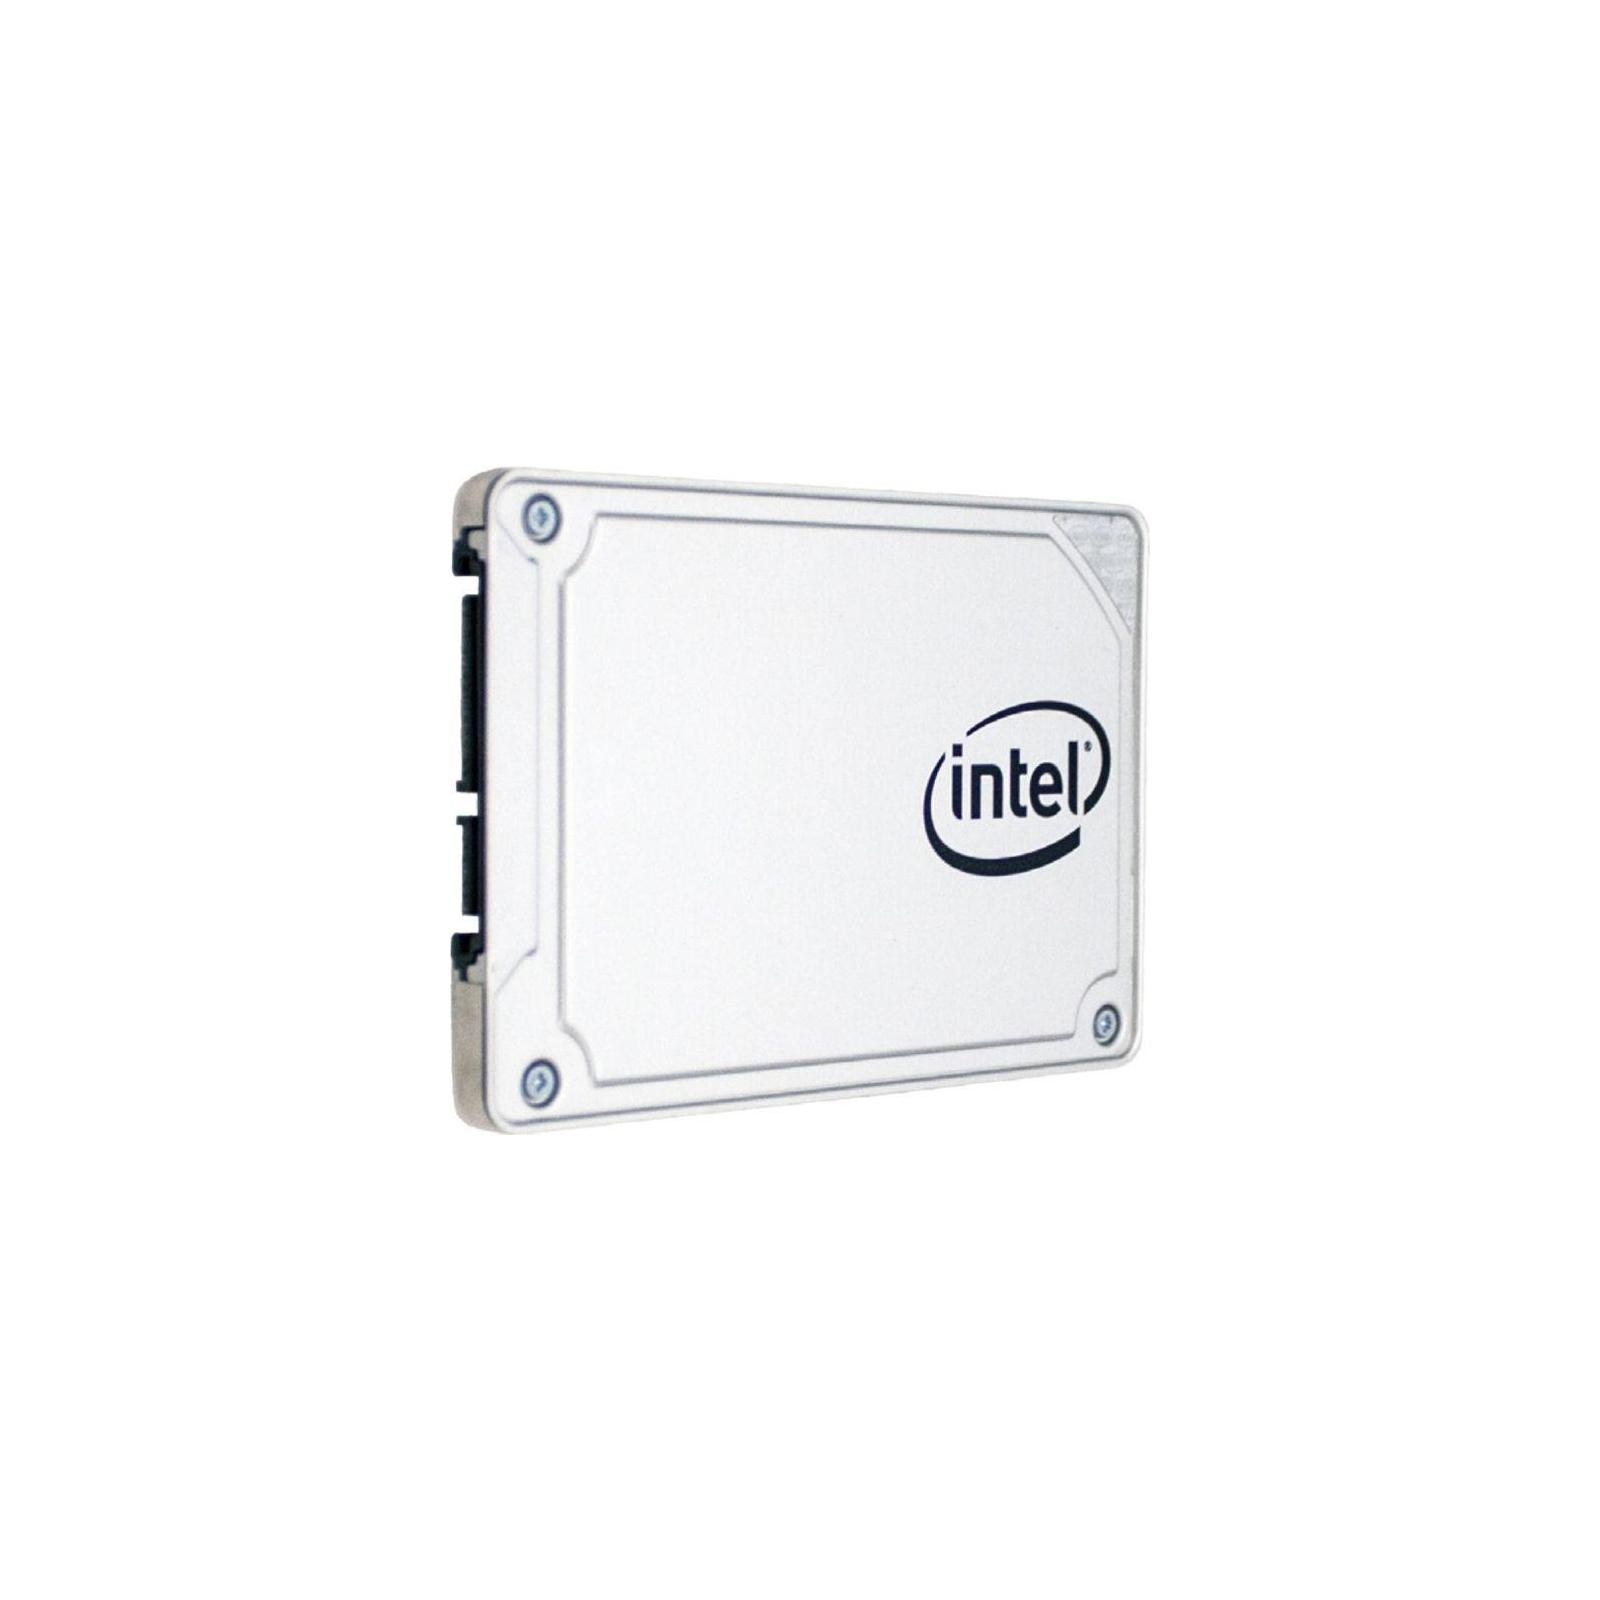 """Накопитель SSD 2.5"""" 128GB INTEL (SSDSC2KW128G8X1) изображение 2"""